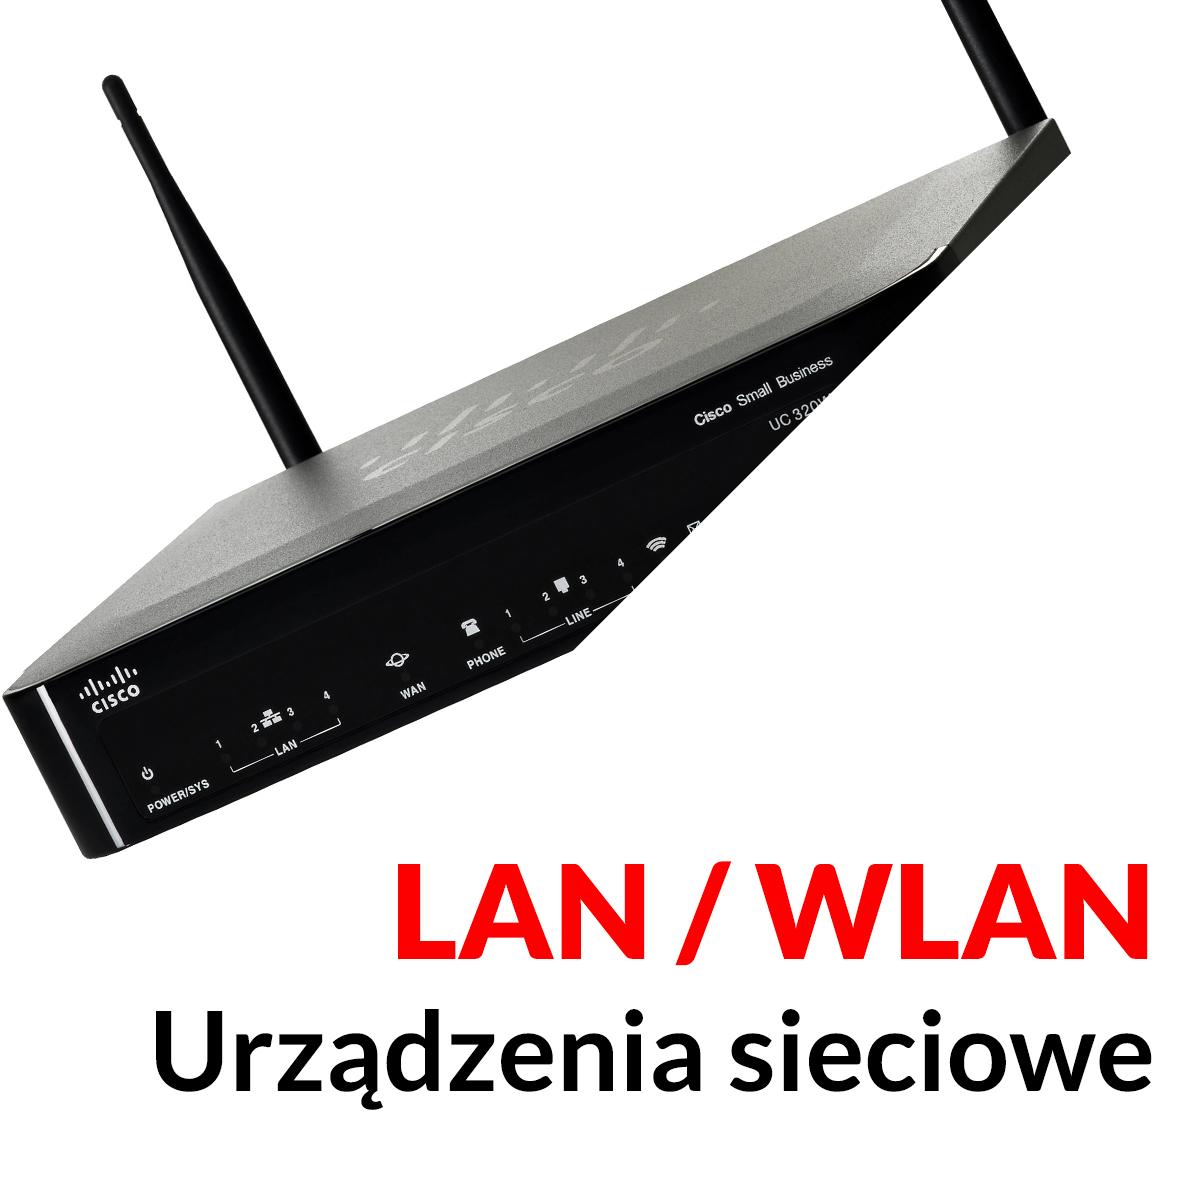 Urządzenia sieciowe - LAN / WLAN